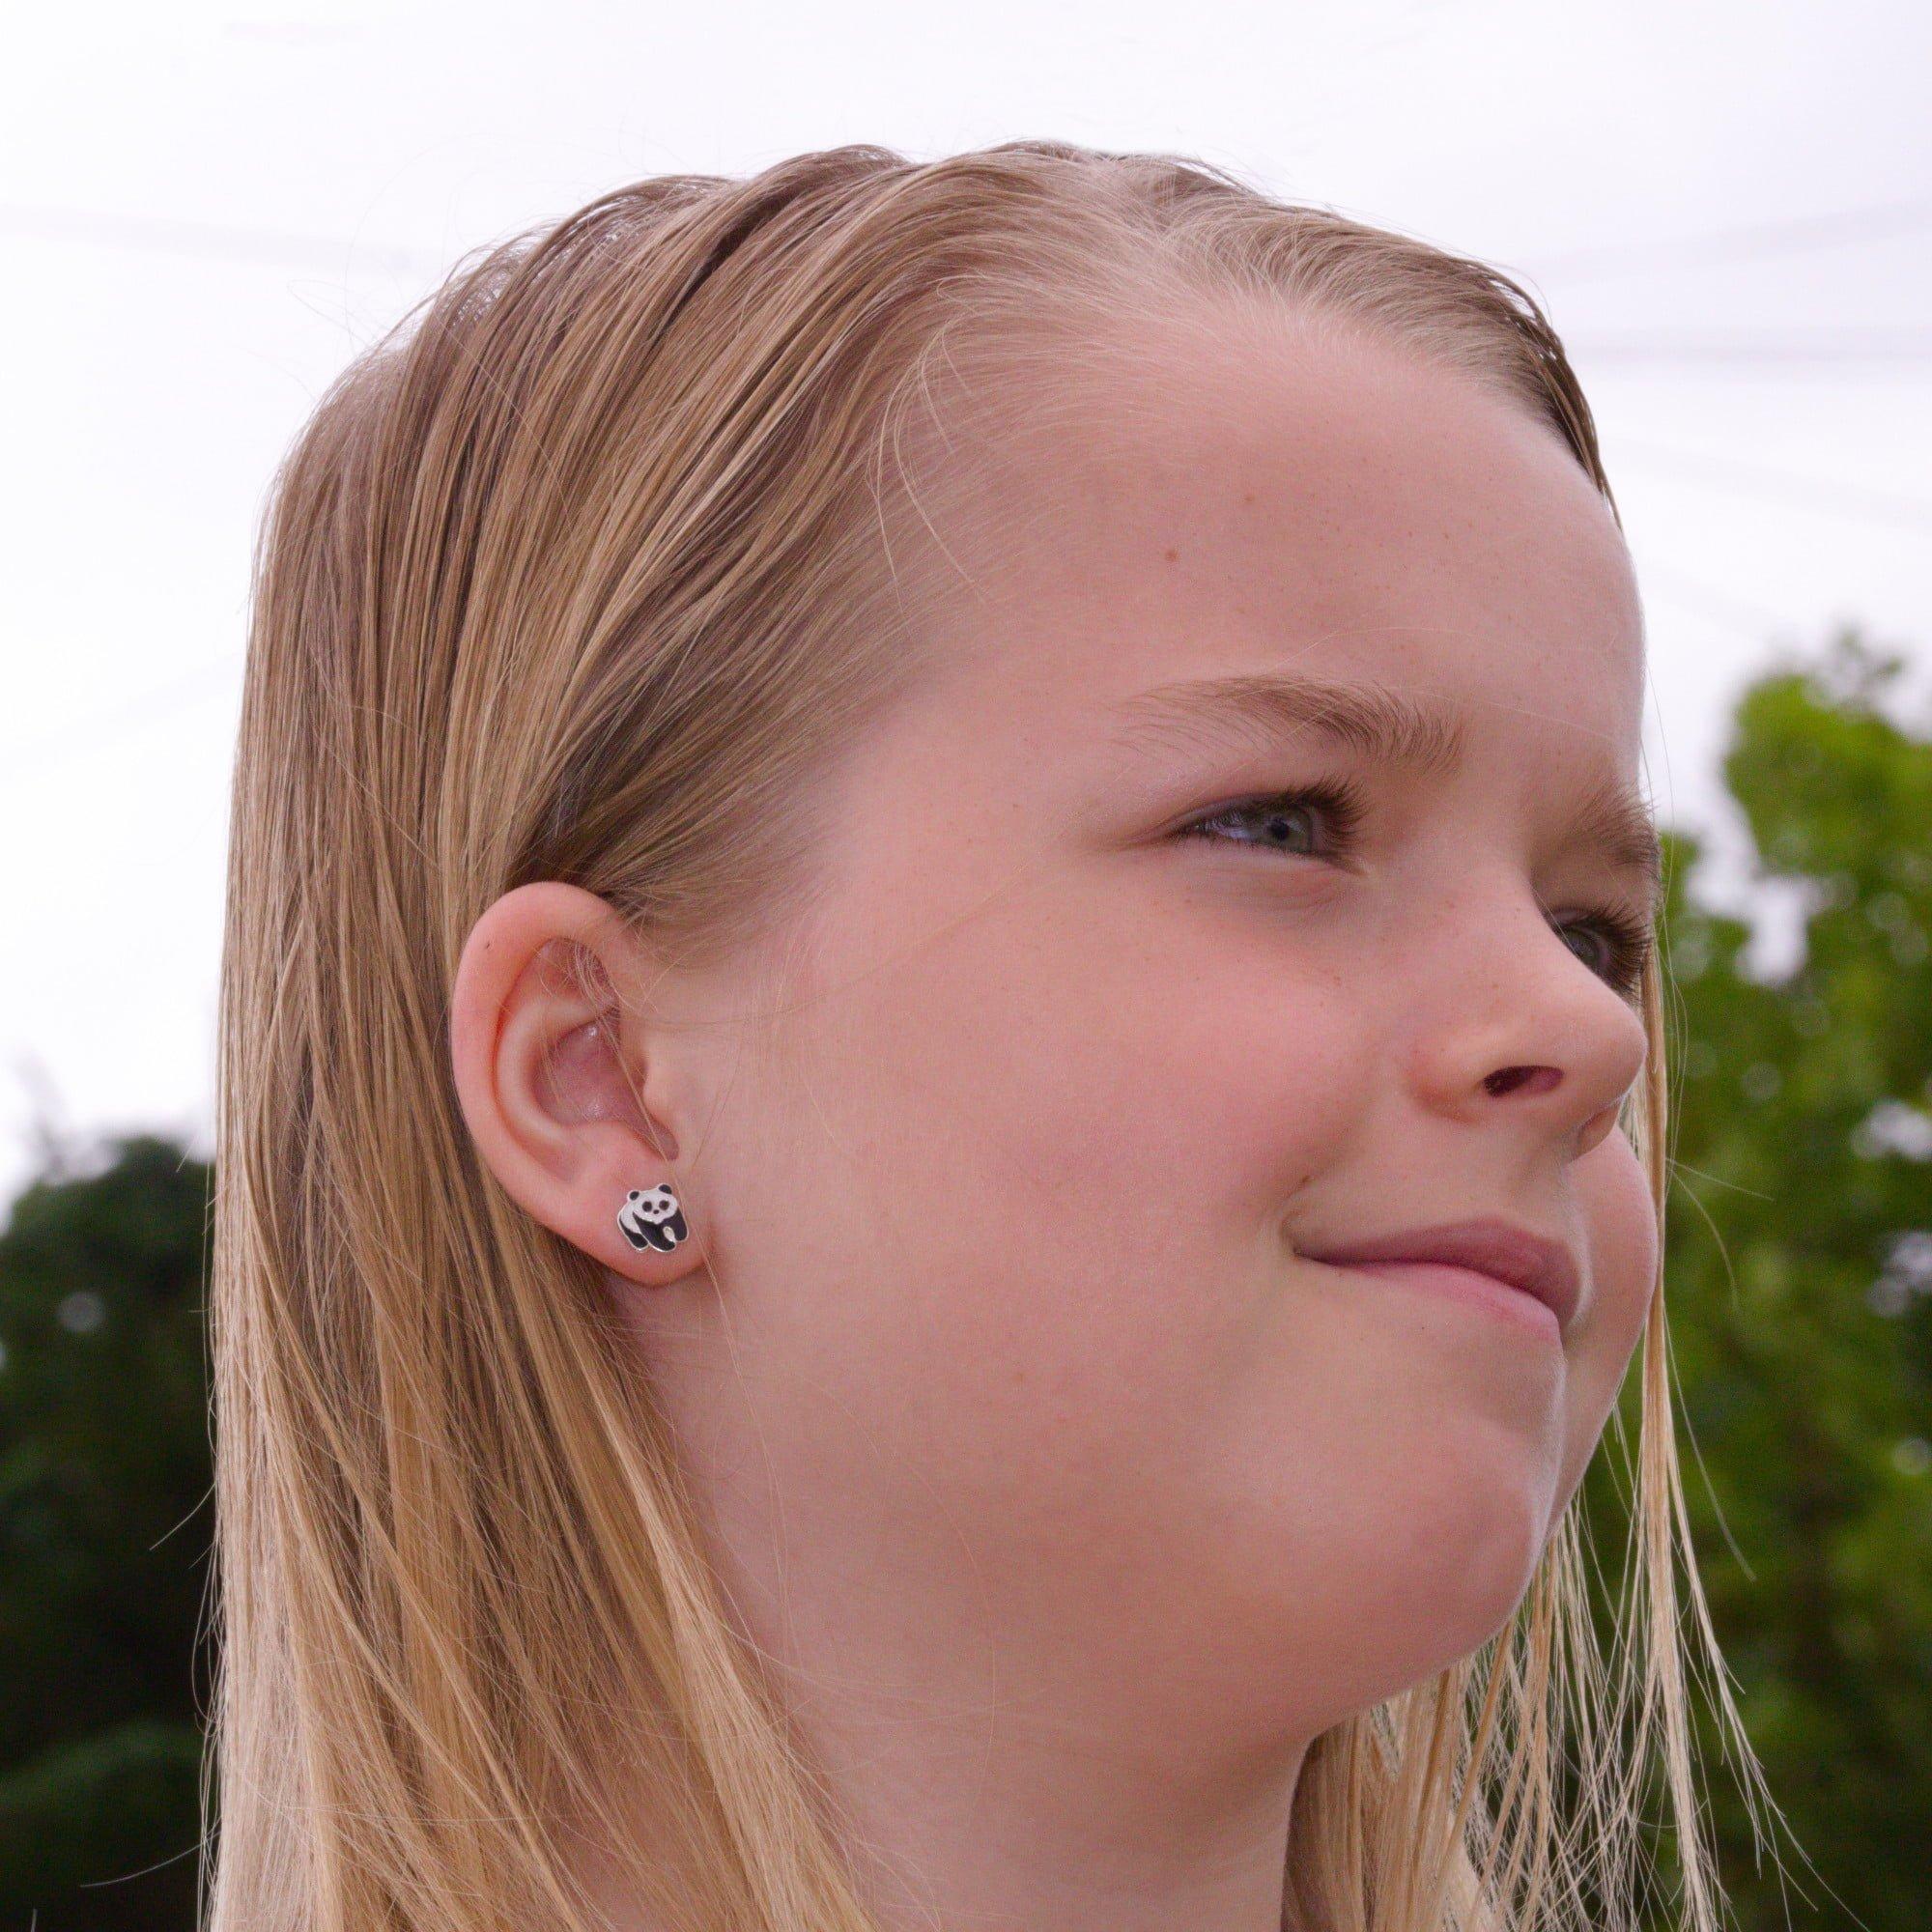 Panda earrings in sterling silver on model